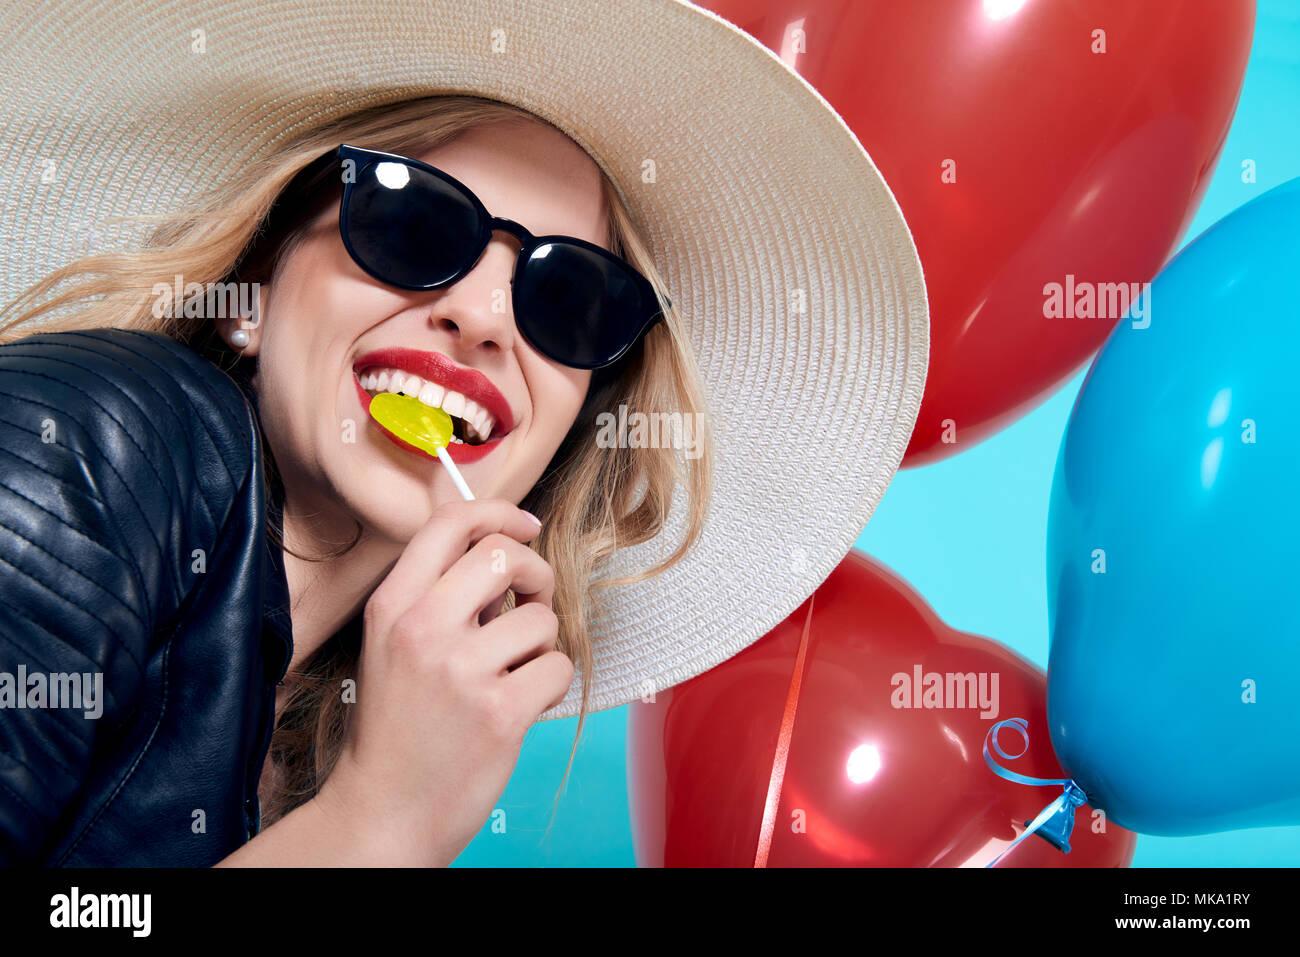 Belle fille à bascule en blouson de cuir et lunettes de soleil en forme de coeur avec lolipop et forme du cœur des ballons. Jolie jeune femme cool fashion portra Photo Stock